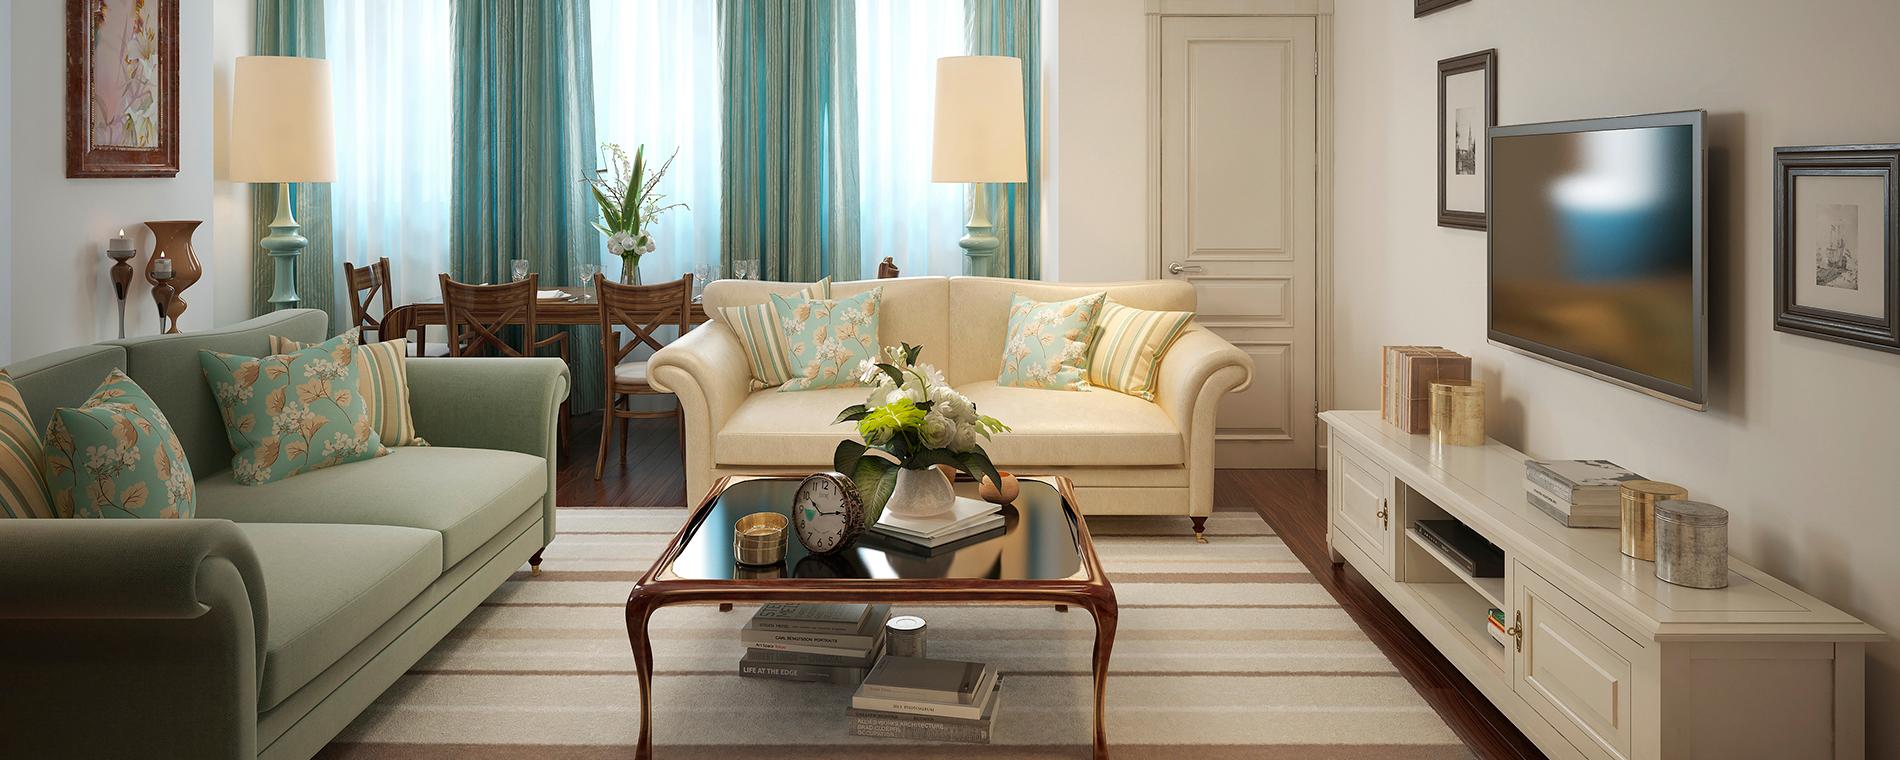 slider-provence-living-room